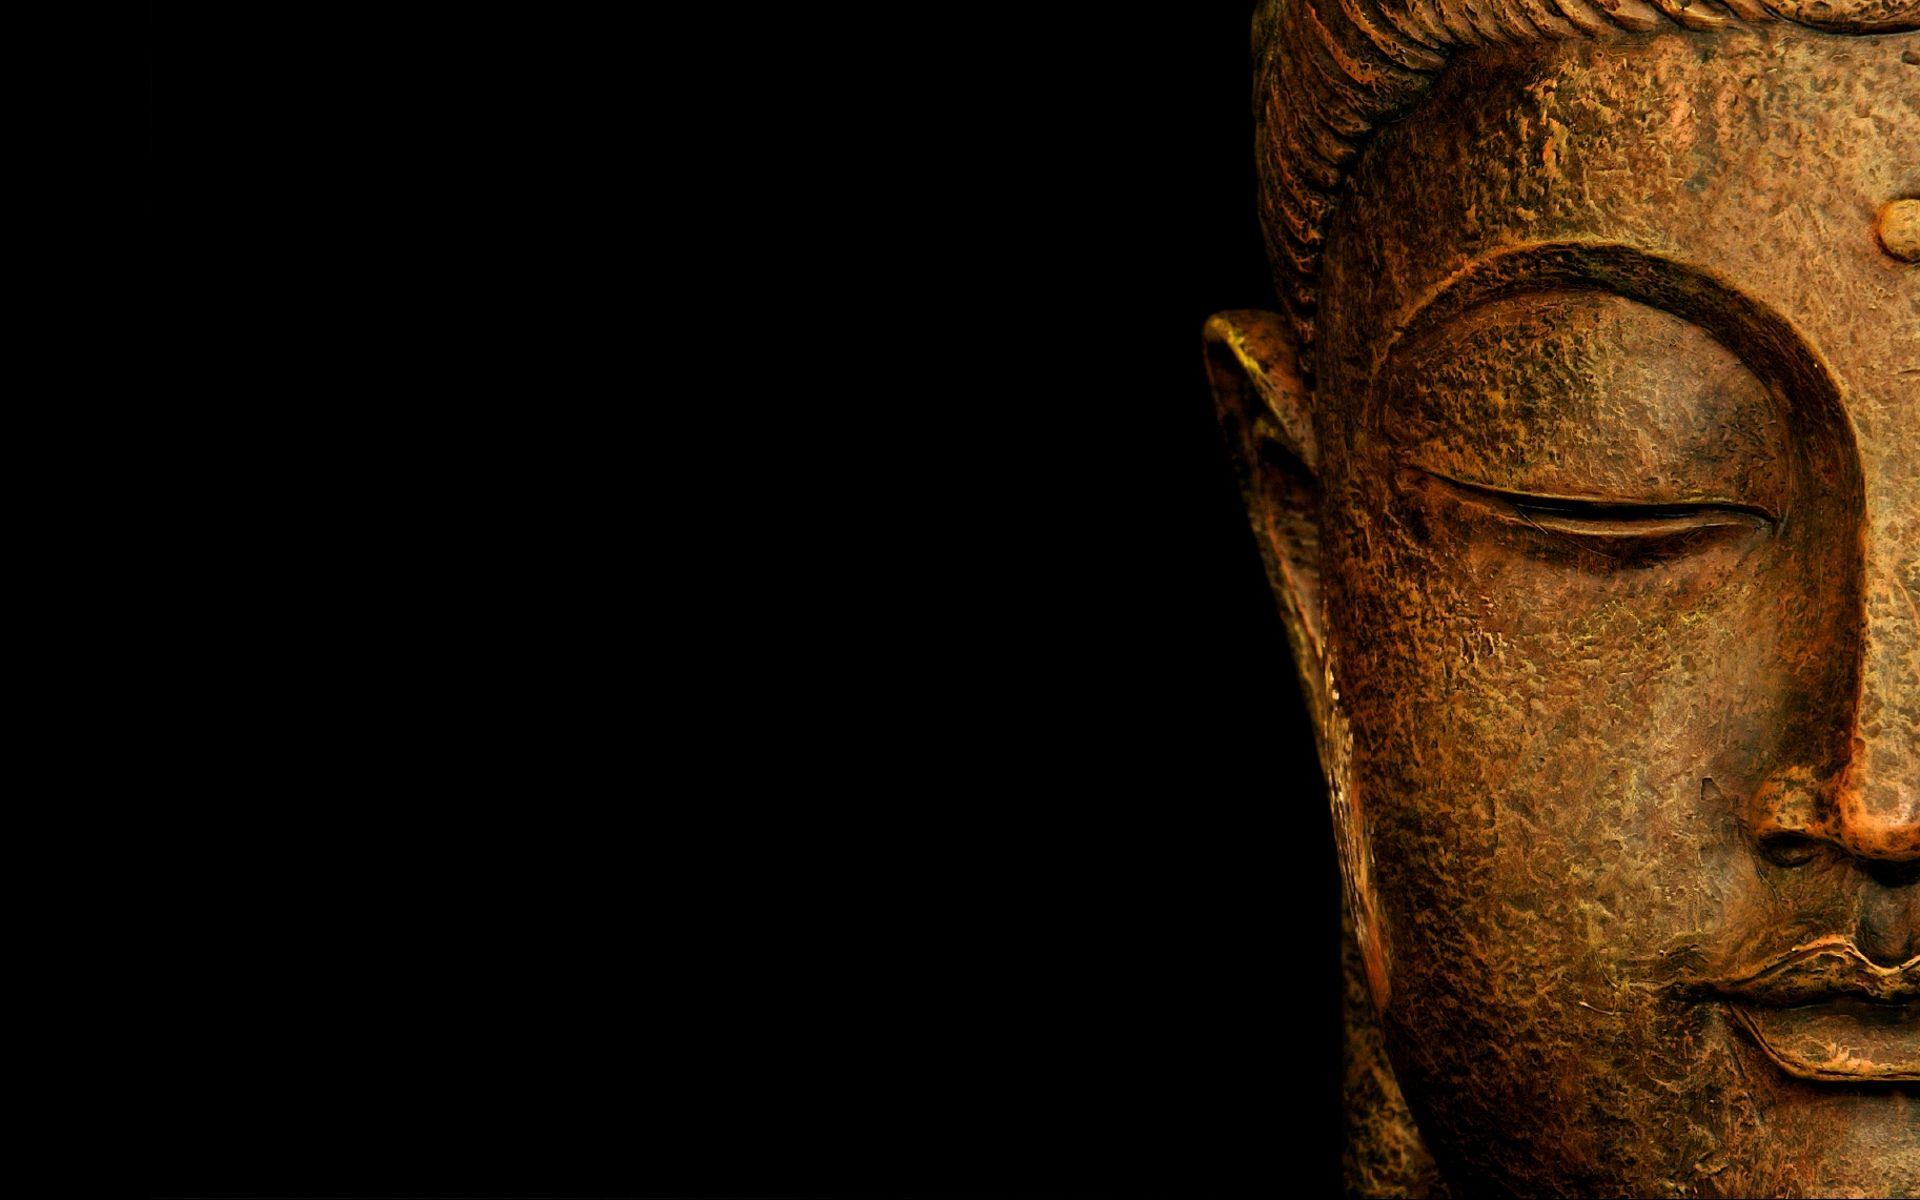 Best Buddha Head Wallpaper Free Dwonlaod Lord Buddha Wallpapers